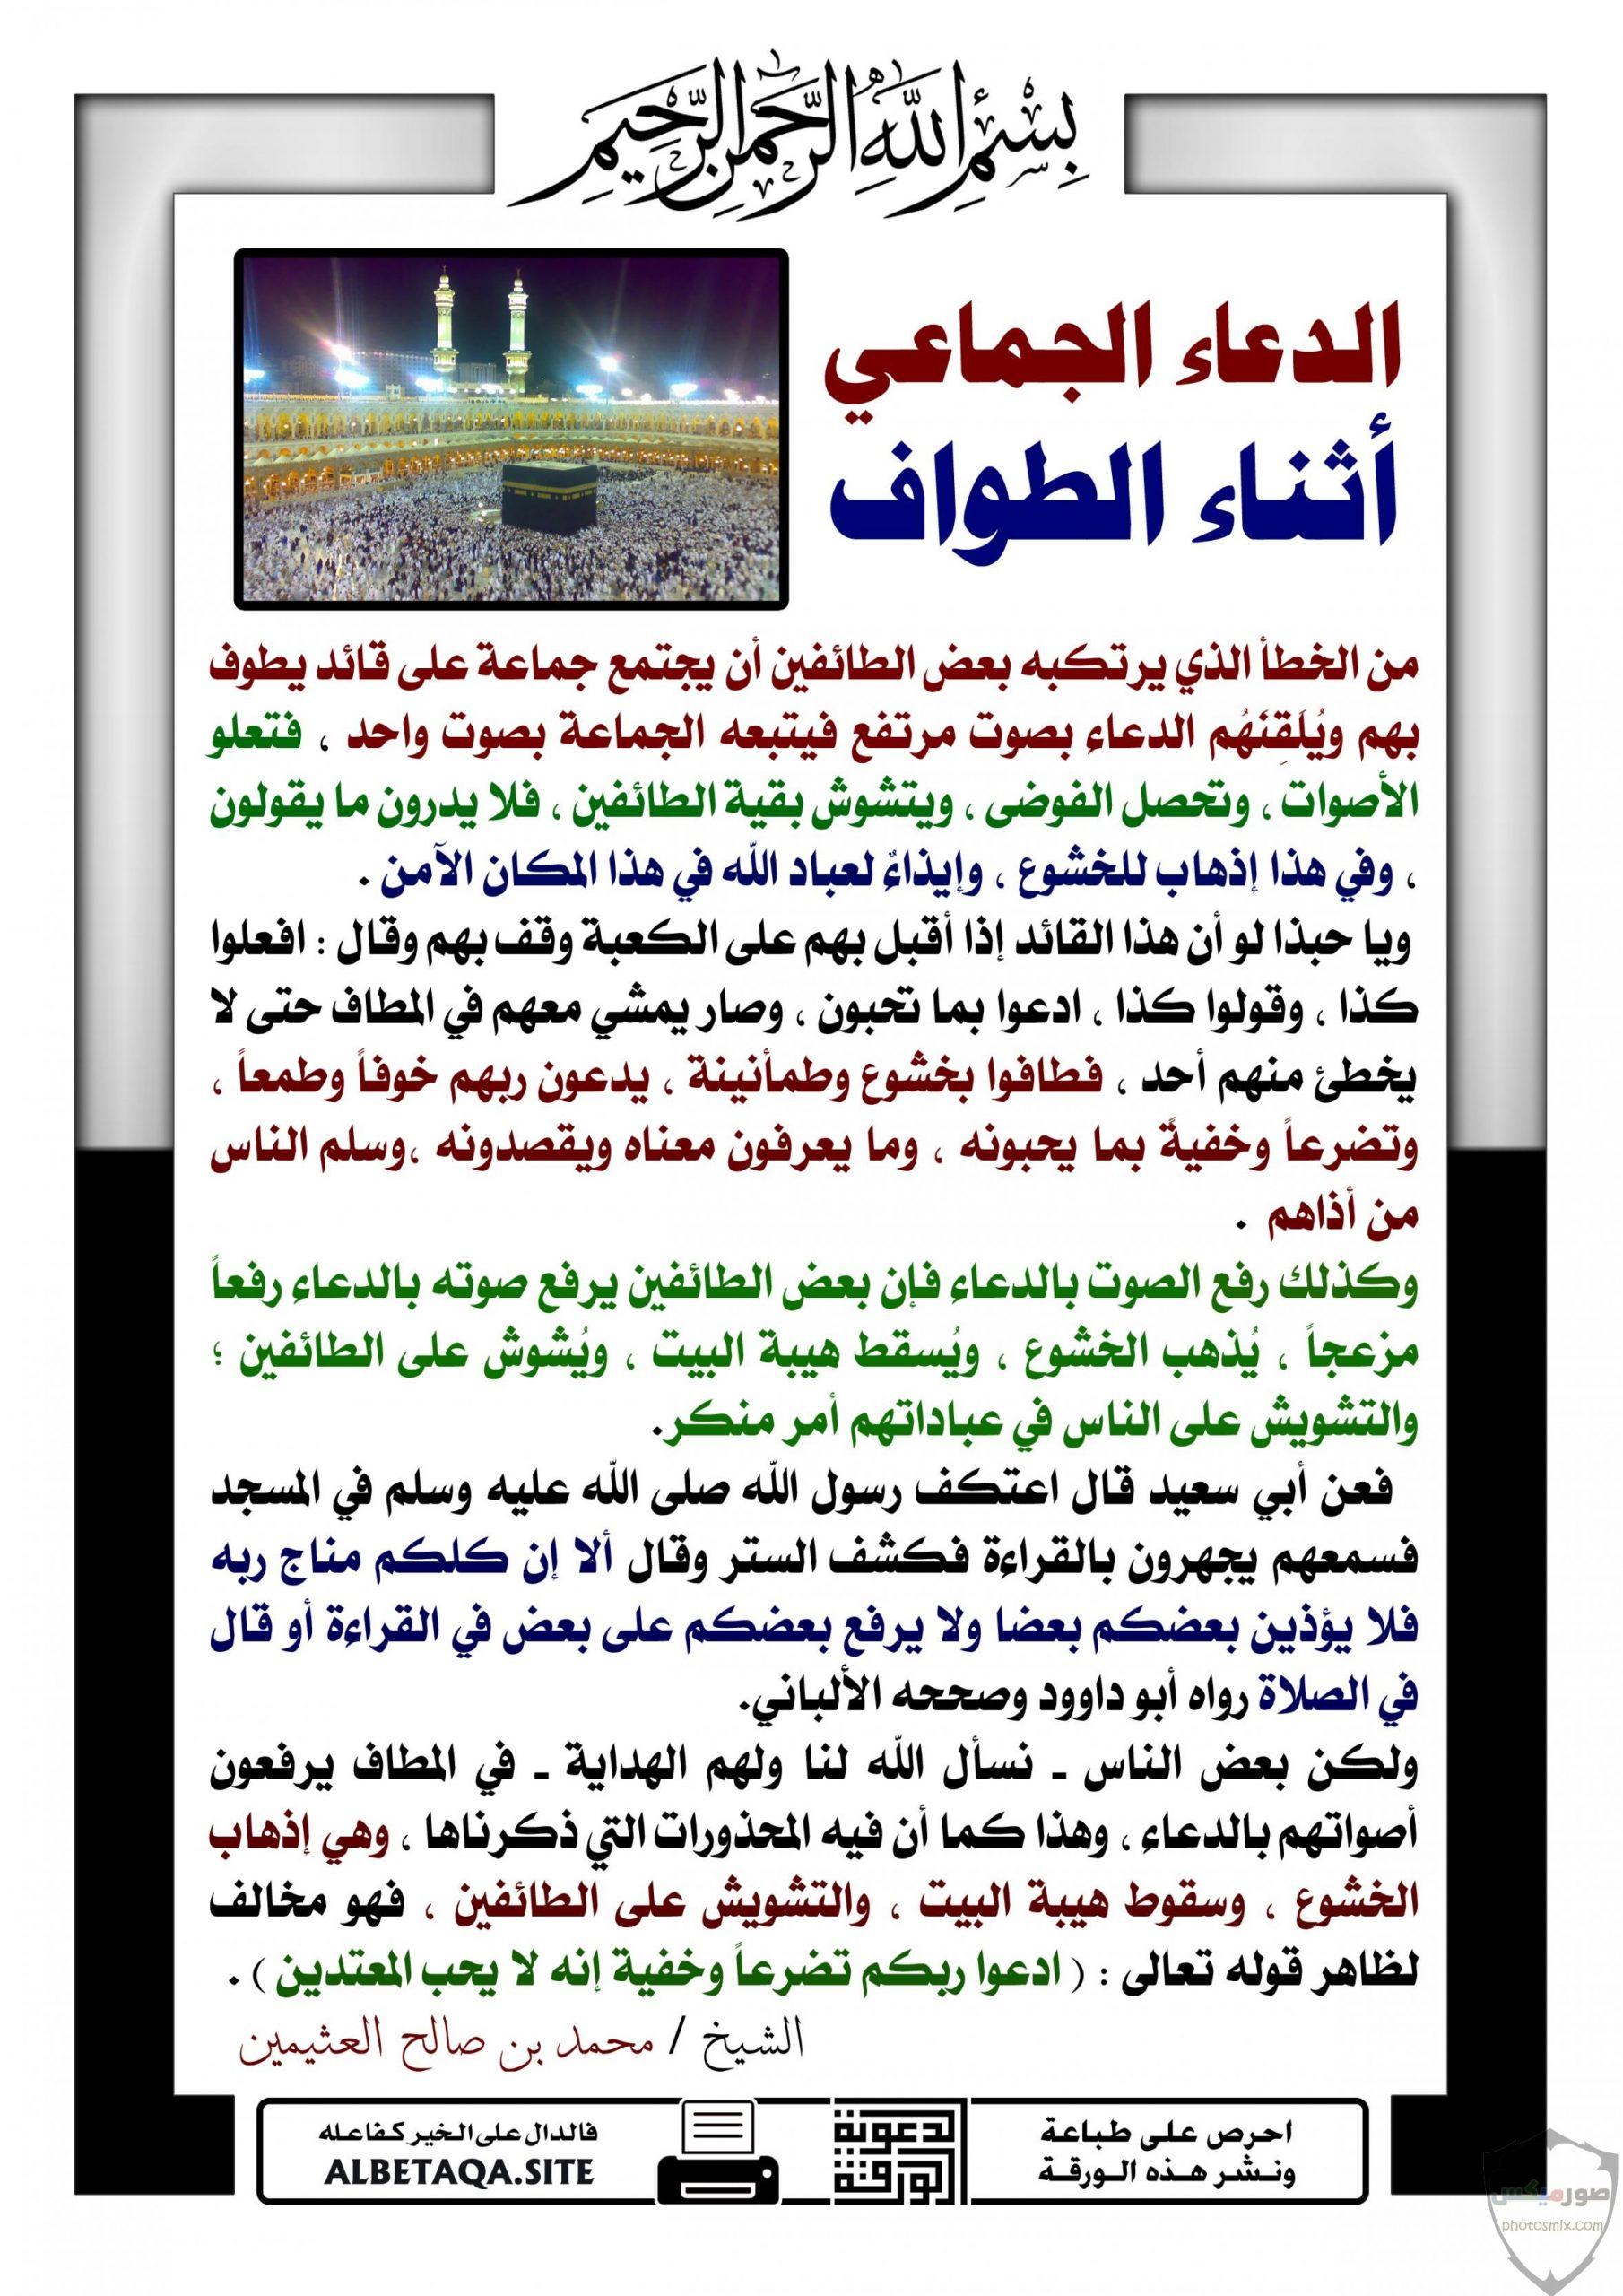 دعاء للمتوفي في شهر رمضان الكريم 6